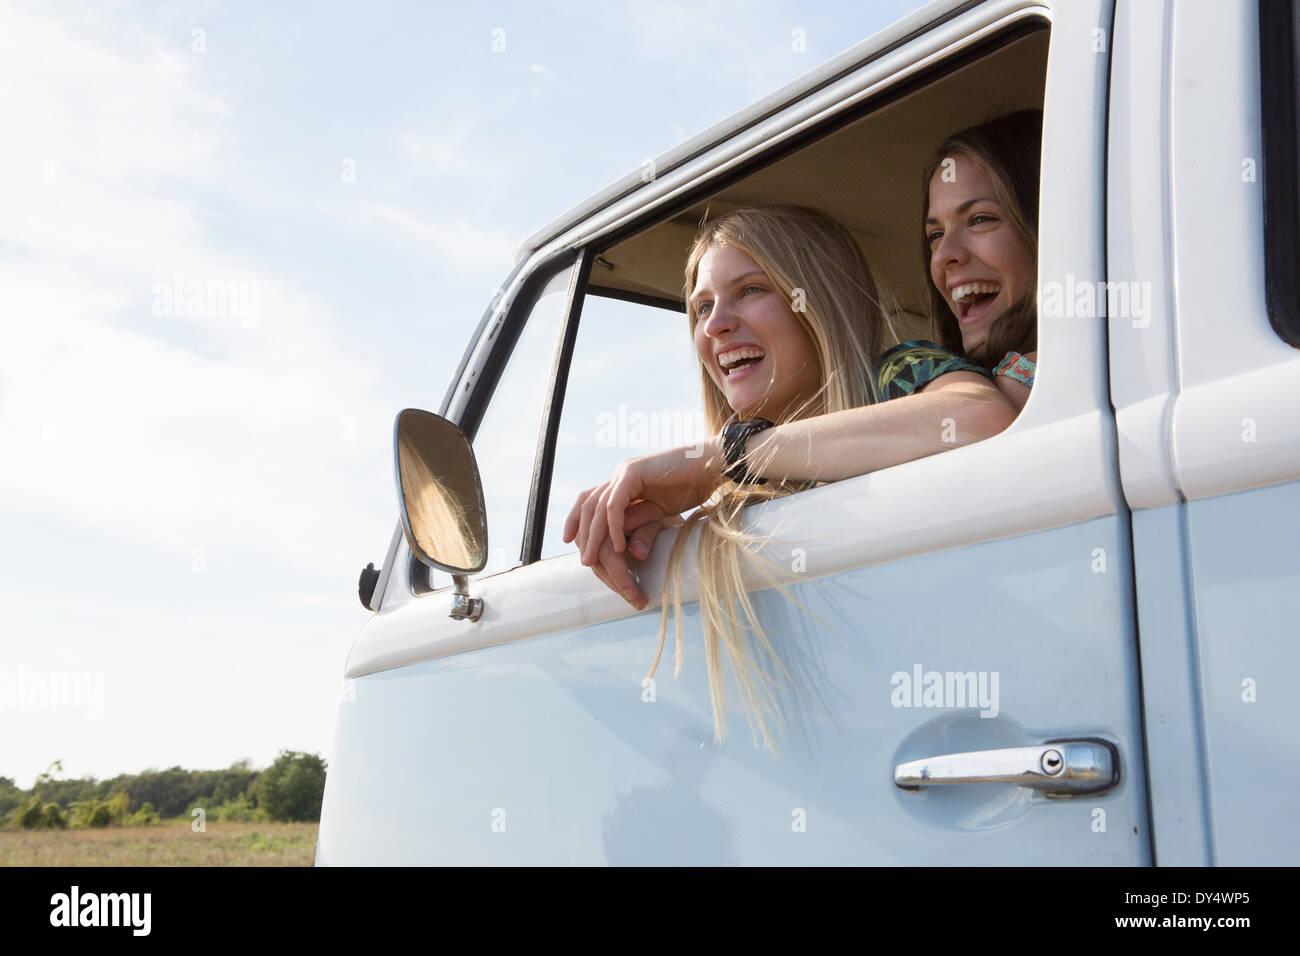 Les jeunes femmes à la fenêtre d'un camping-car de rire Photo Stock